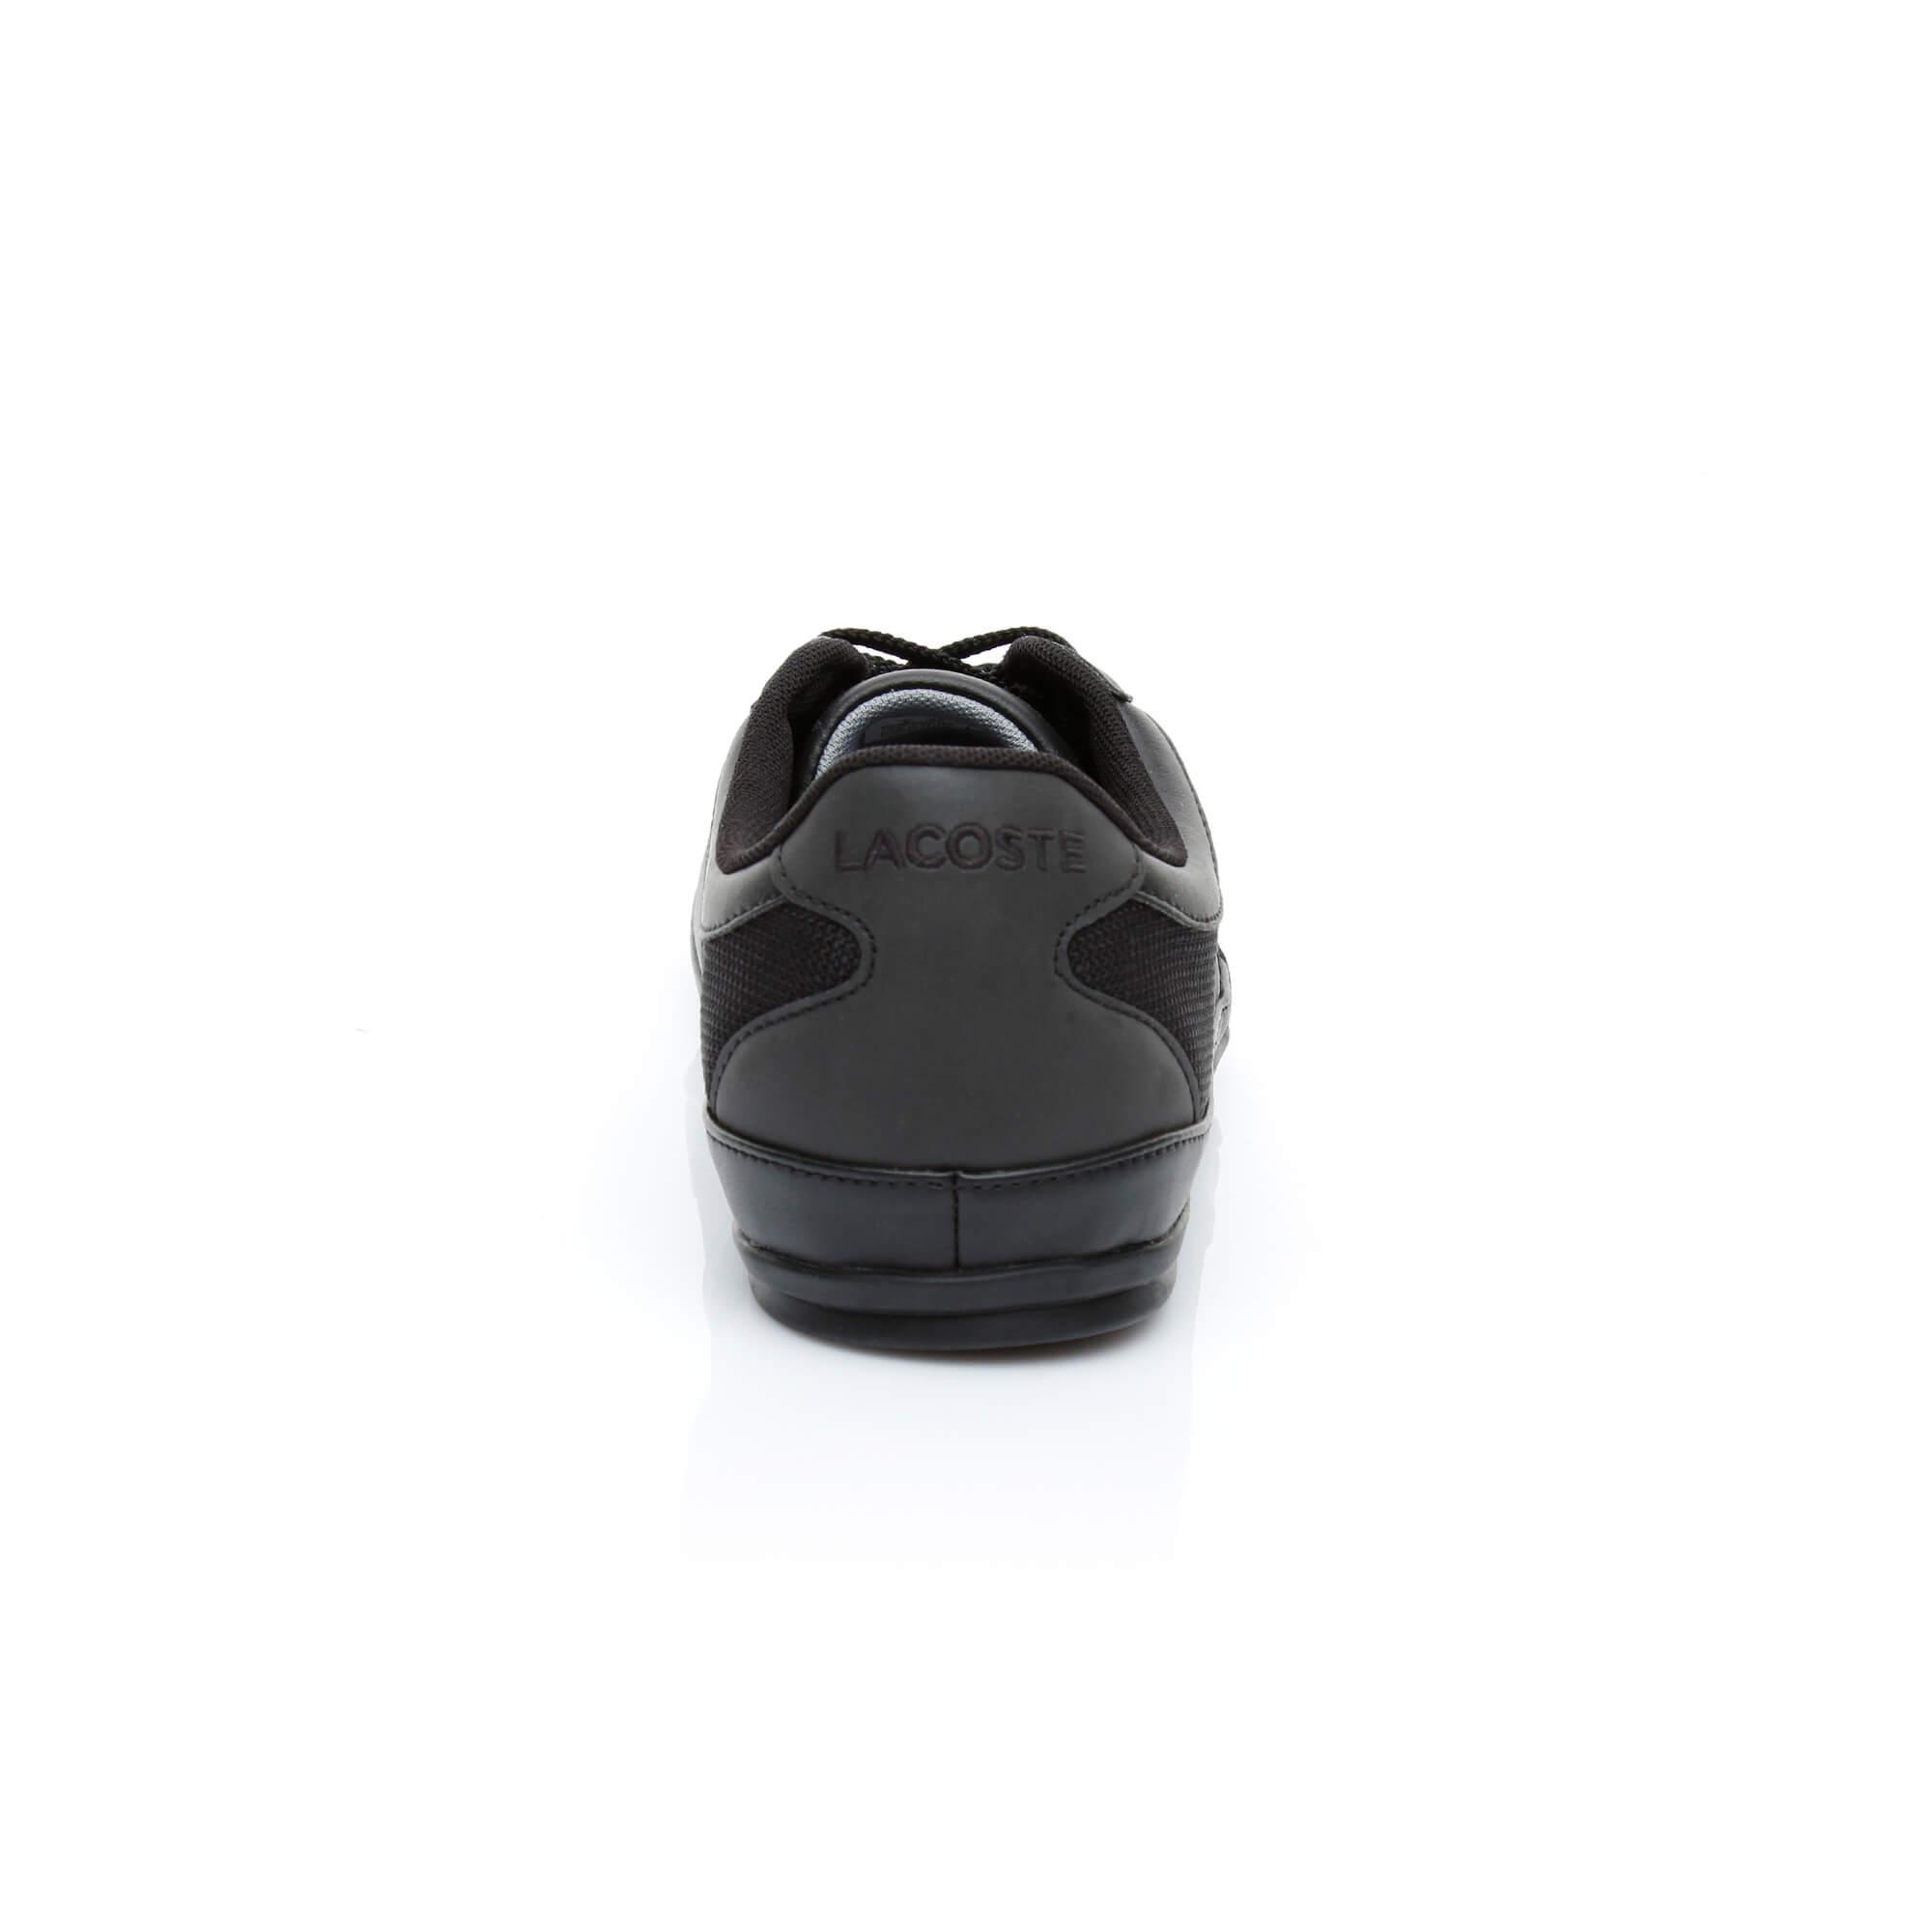 Lacoste Erkek Mısano Sport 318 1 Siyah Casual Ayakkabı